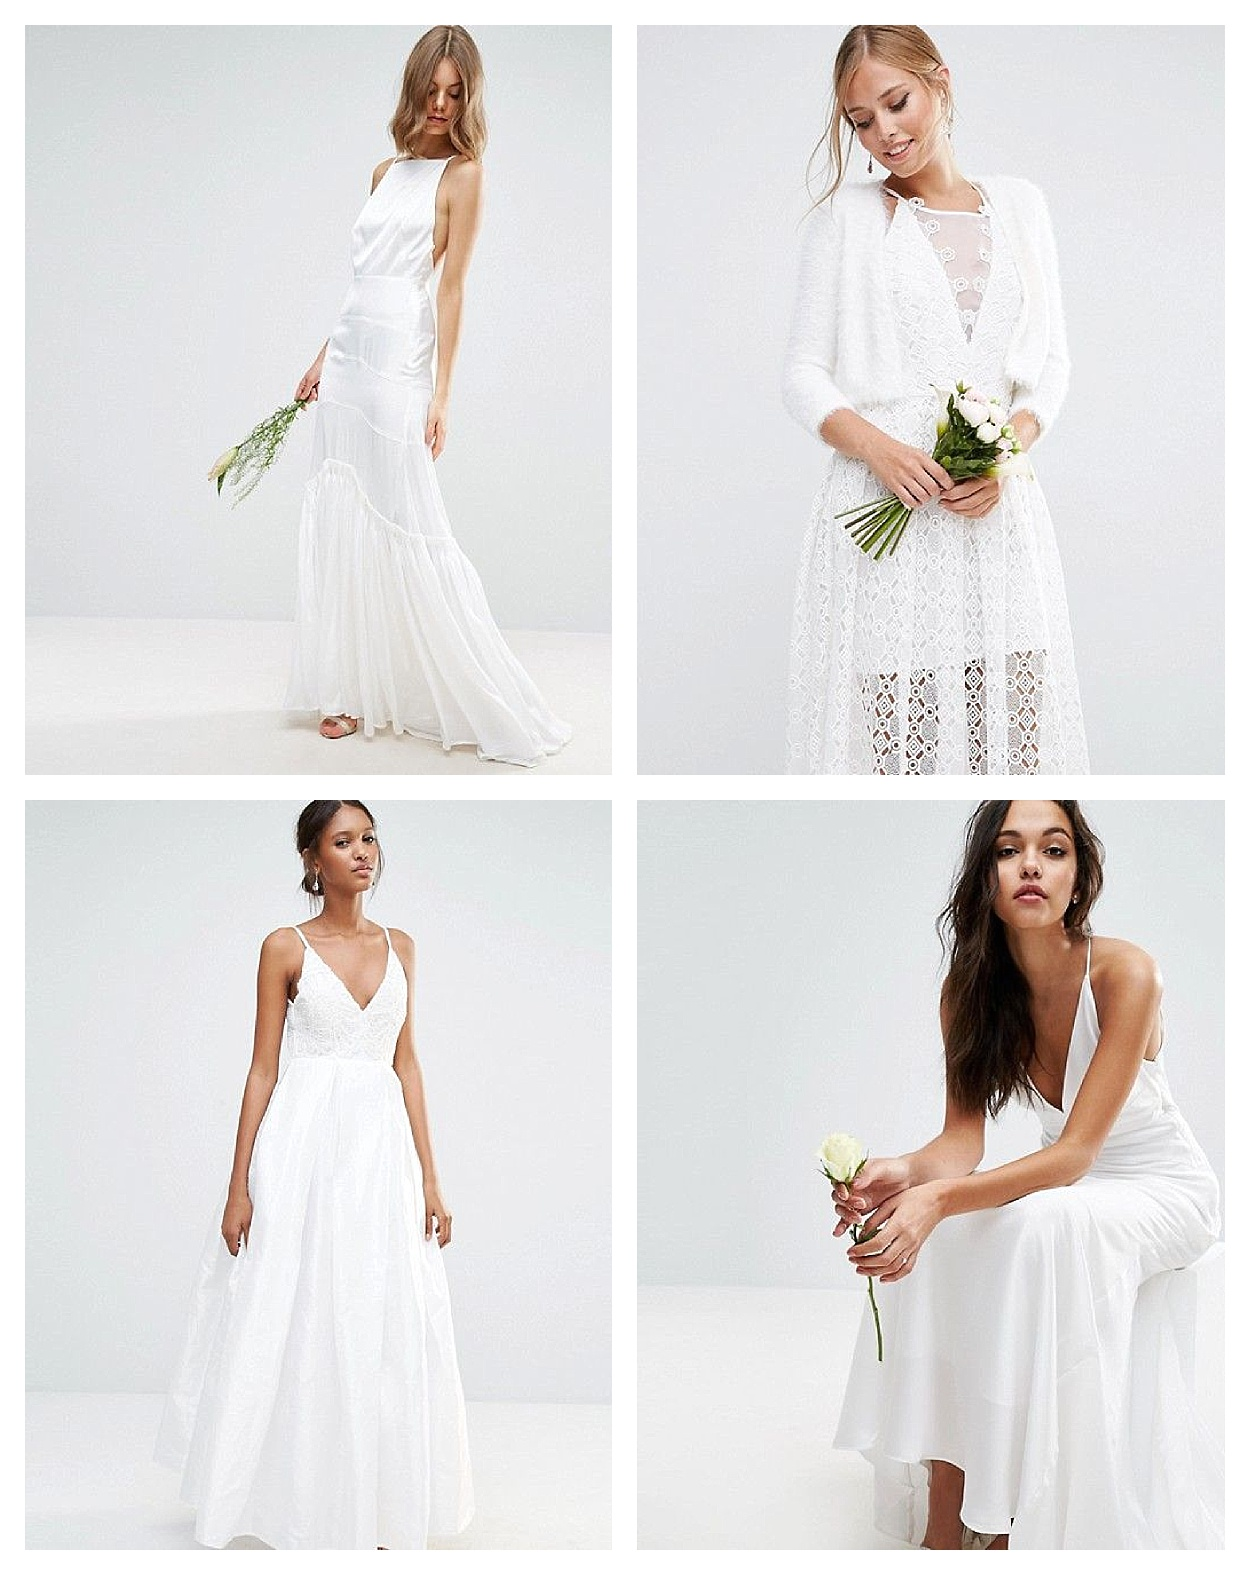 Coole Brautkleider für das Standesamt oder Boho Hochzeit ...